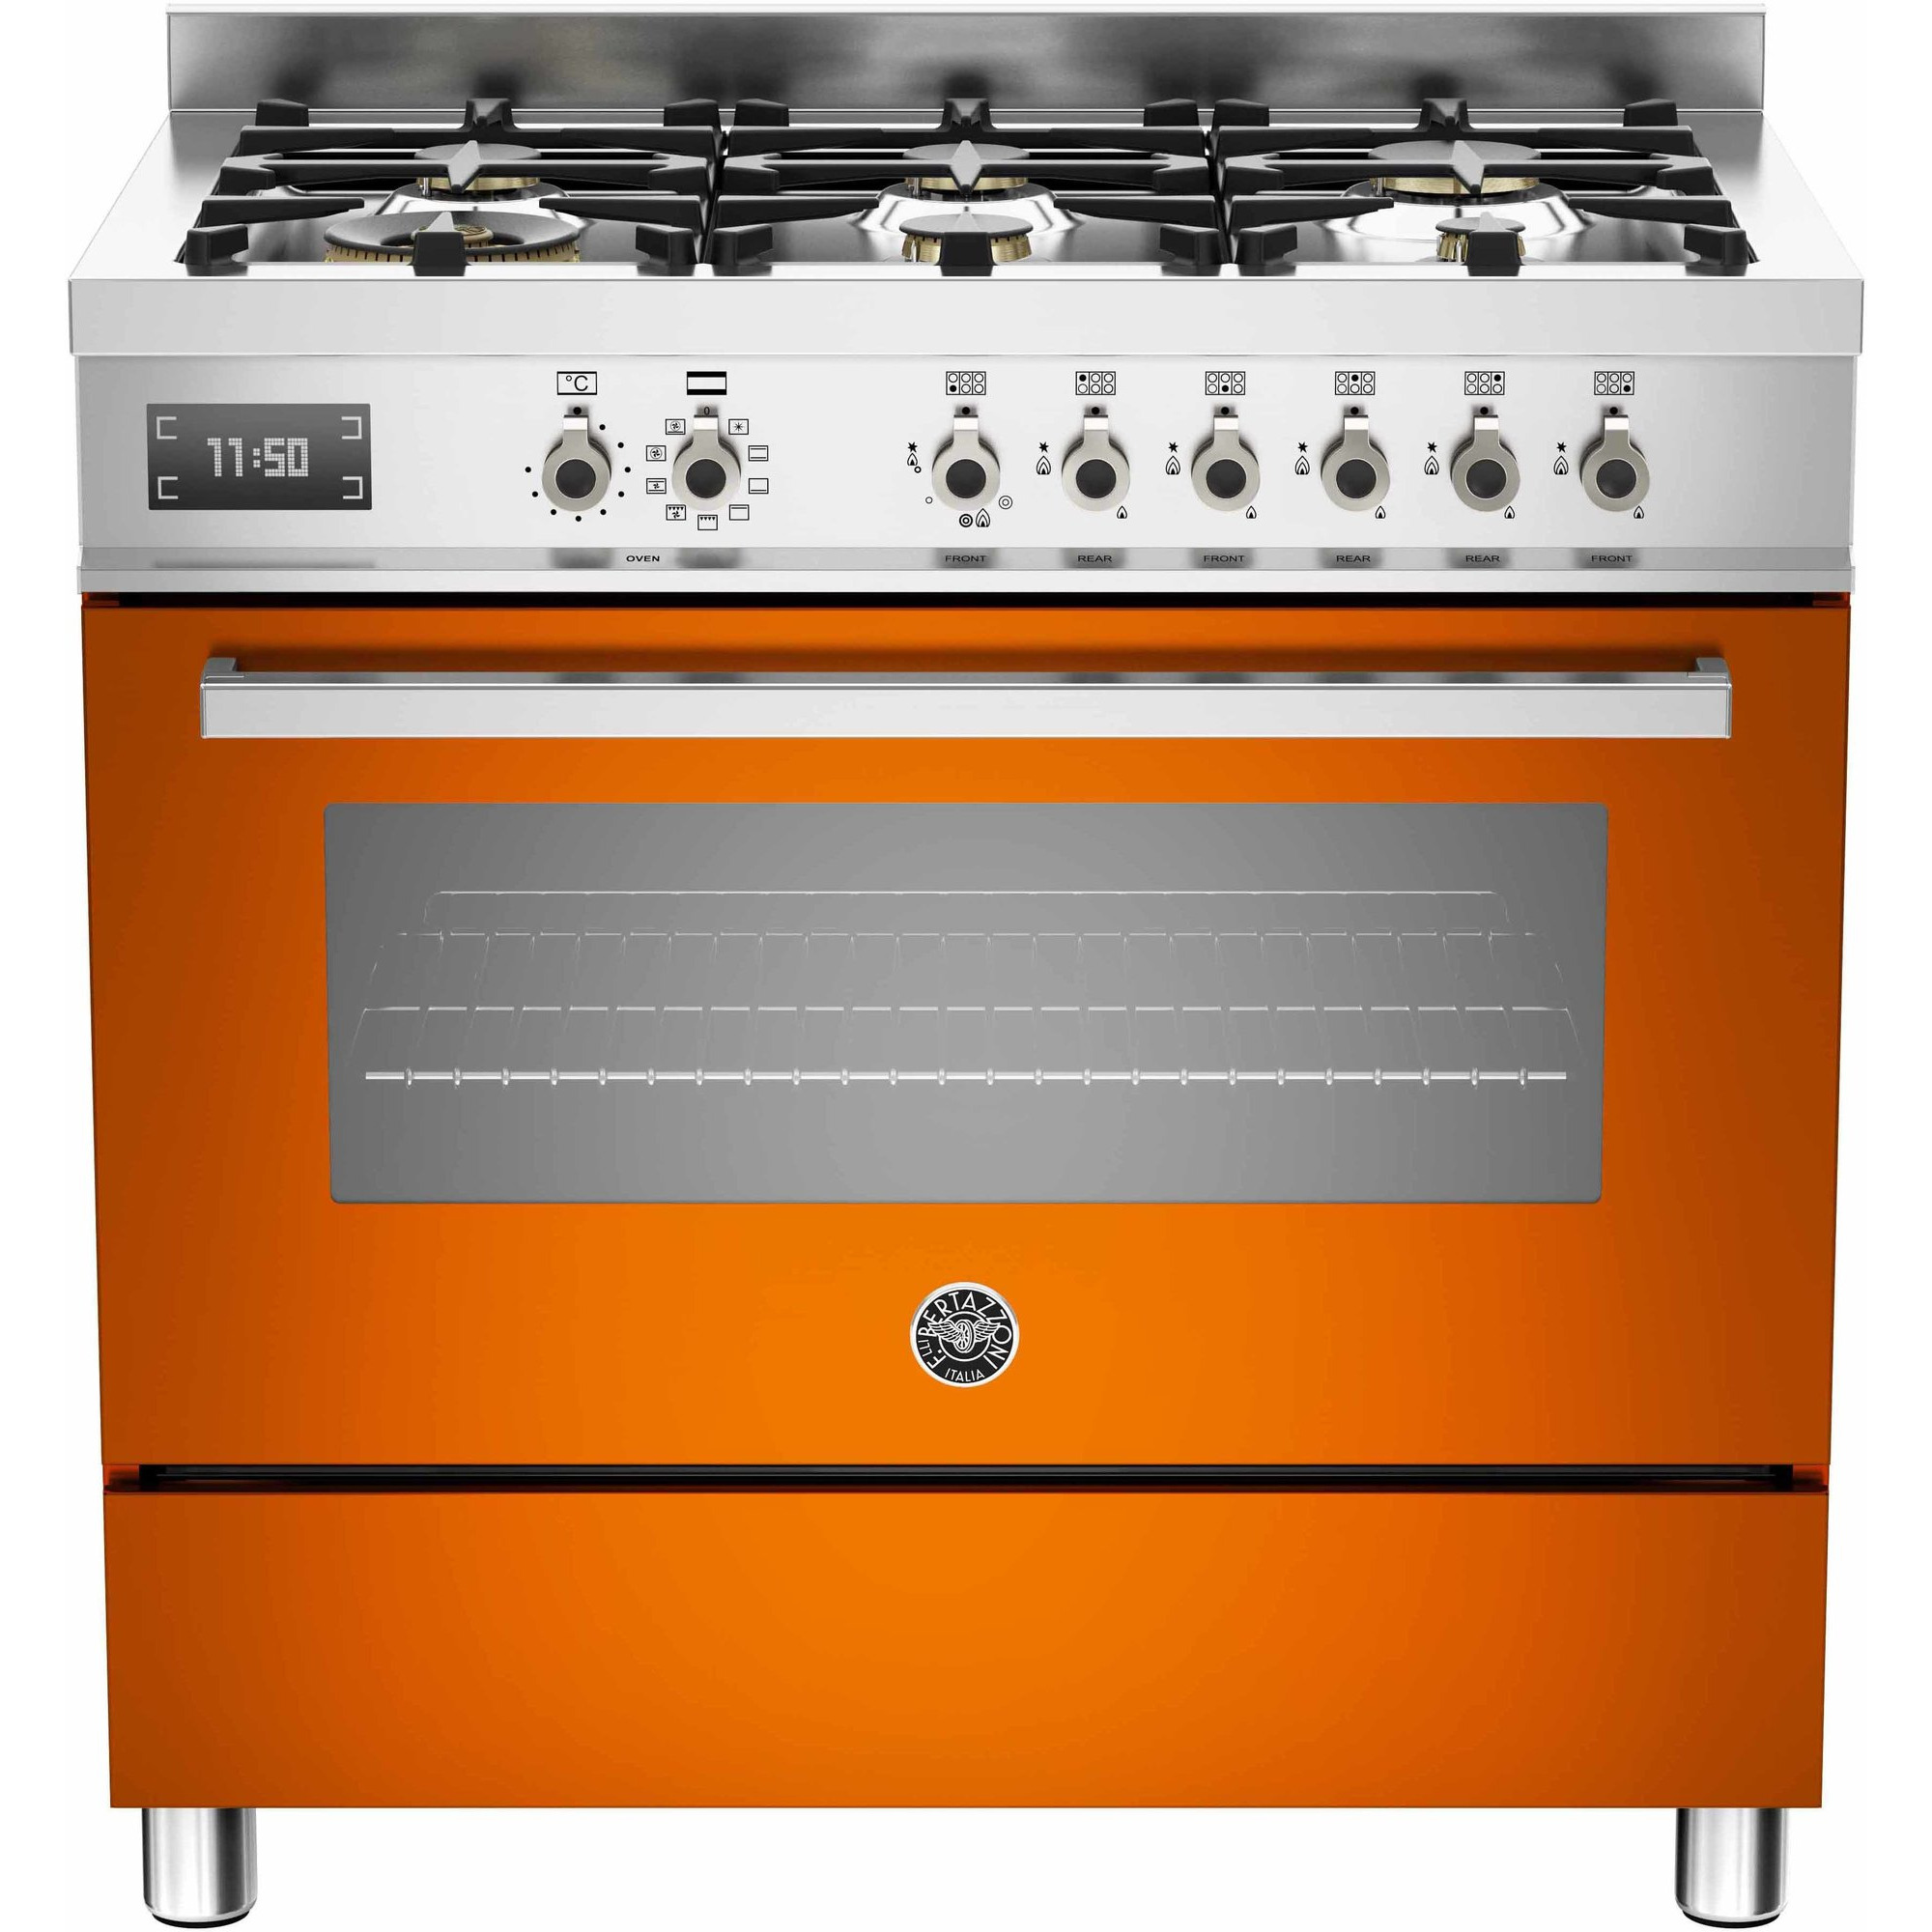 Bertazzoni PRO906 Gasspis 90 cm 1 ugn 6 brännare Orange